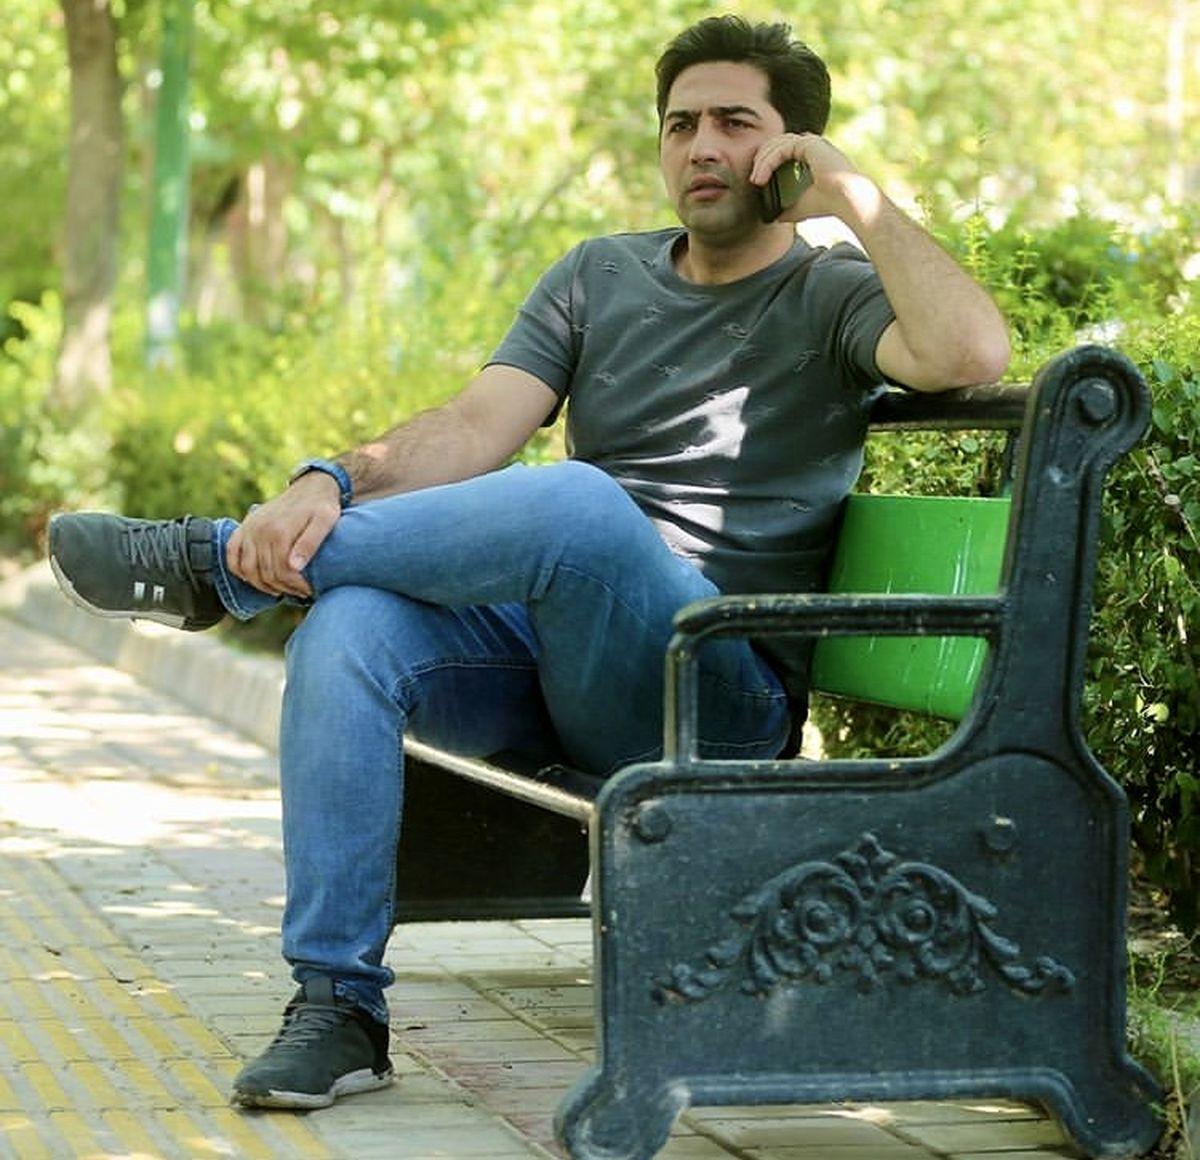 علی سخنگو در پارک + عکس